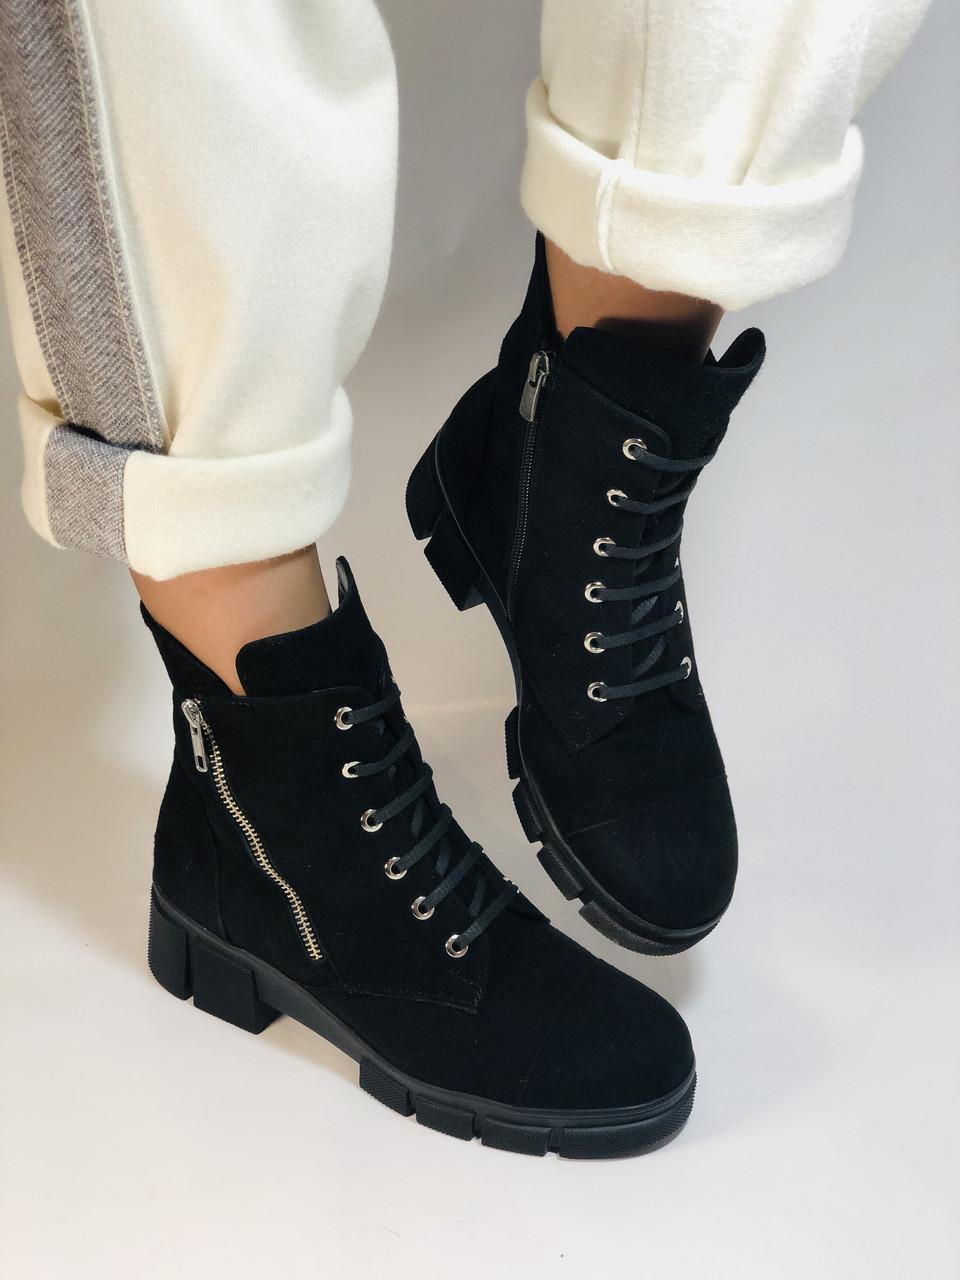 Натуральне хутро. Люкс якість. Жіночі зимові черевики. Натуральна замша .Туреччина. Mario Muzi. Р. 37, 39,40.